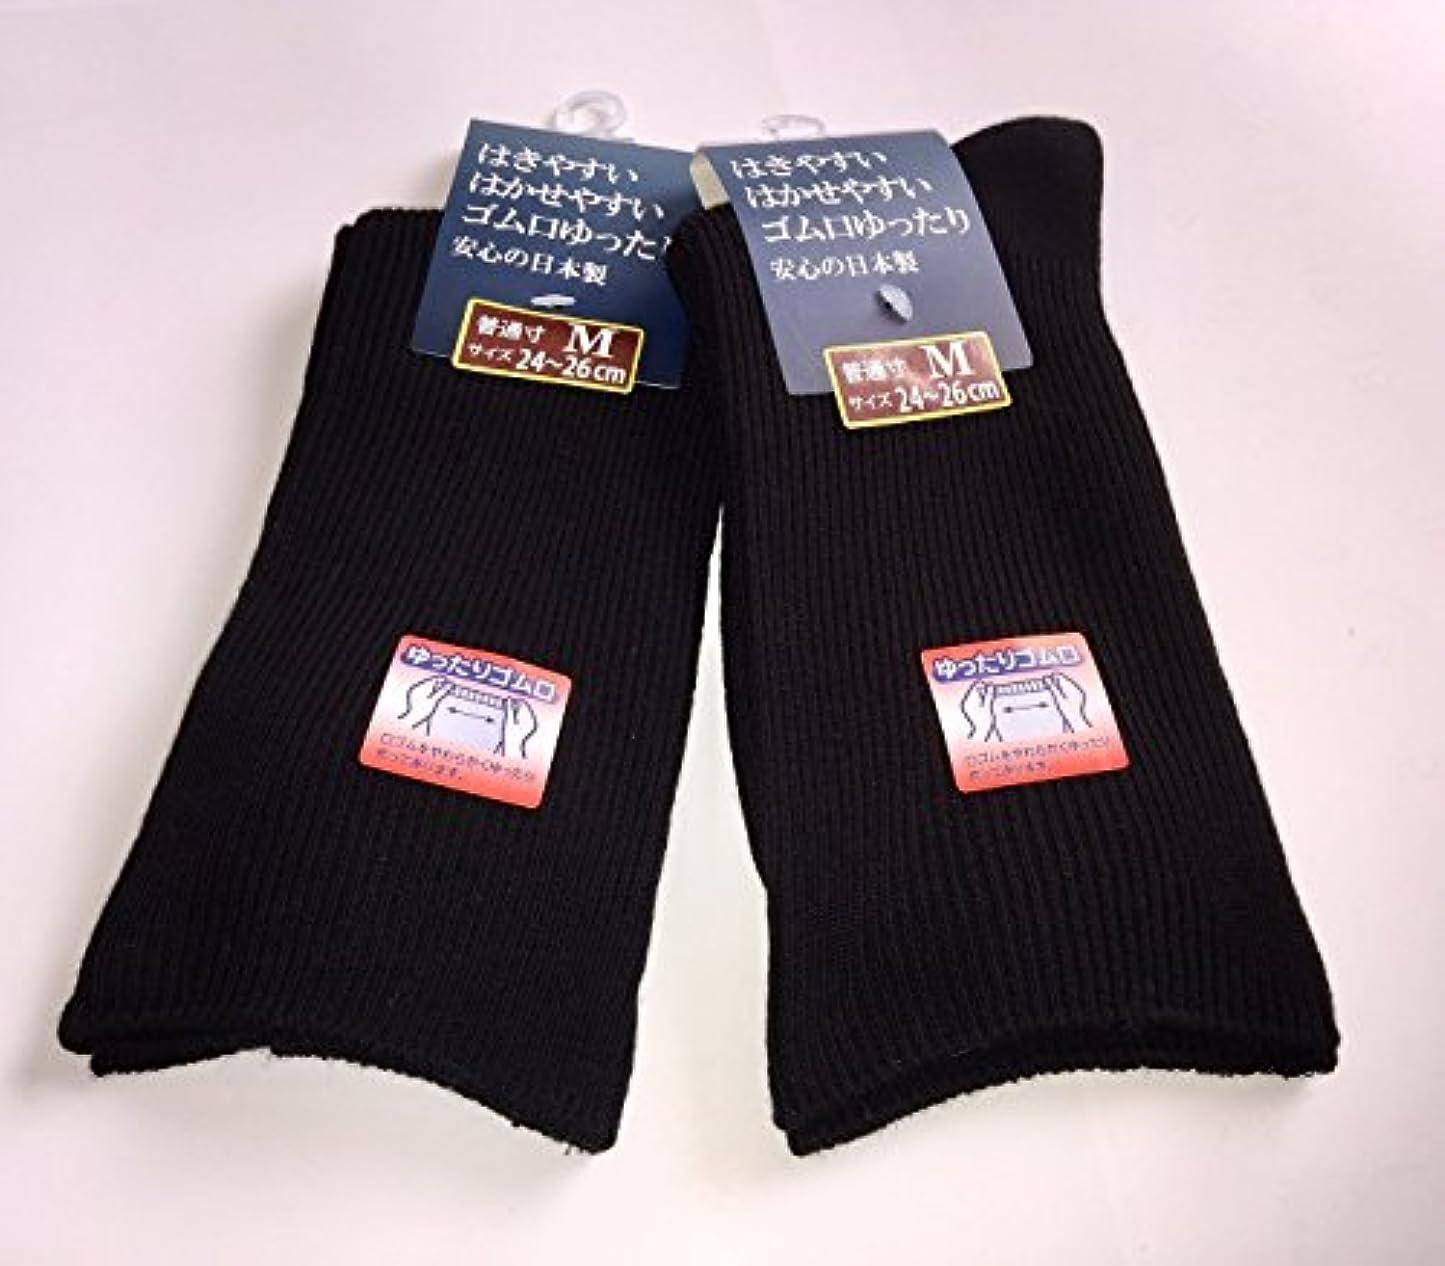 日本製 靴下 メンズ 口ゴムなし ゆったり靴下 24-26cm 2足組 (ブラック)